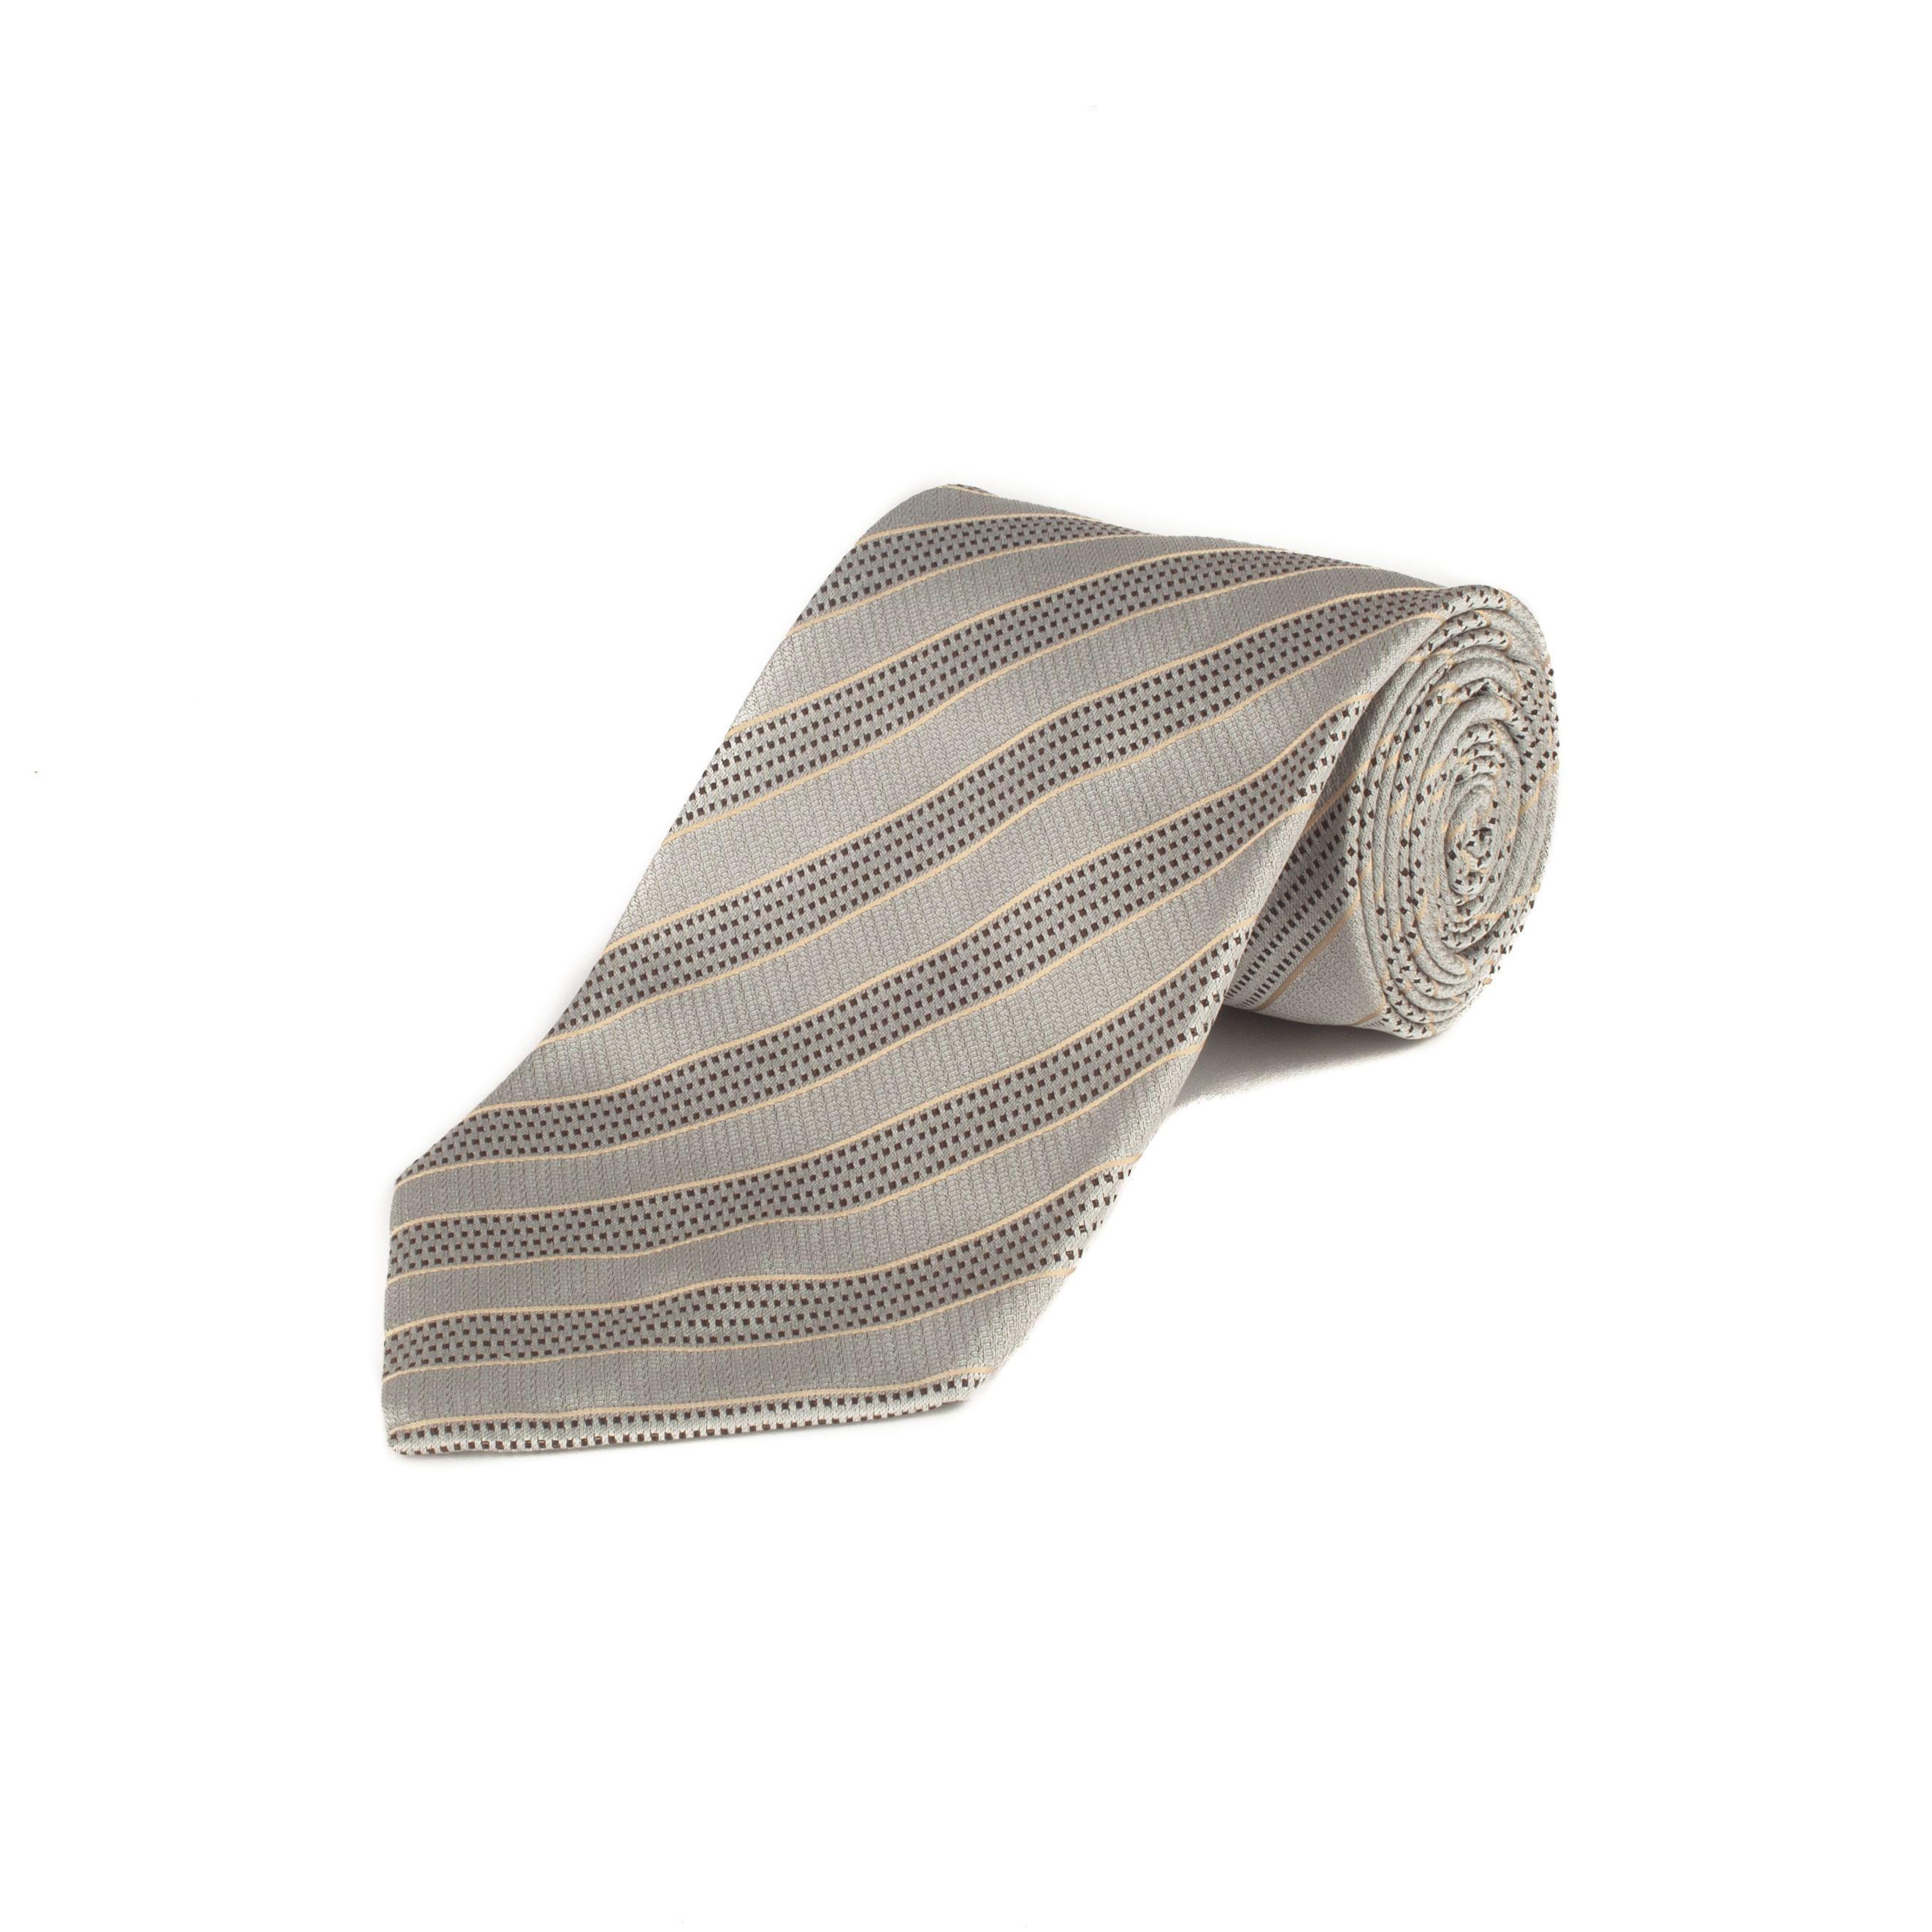 04ade813cef8 Lyst - Ermenegildo Zegna Couture Men's Silk Striped Tie Grey in Gray ...